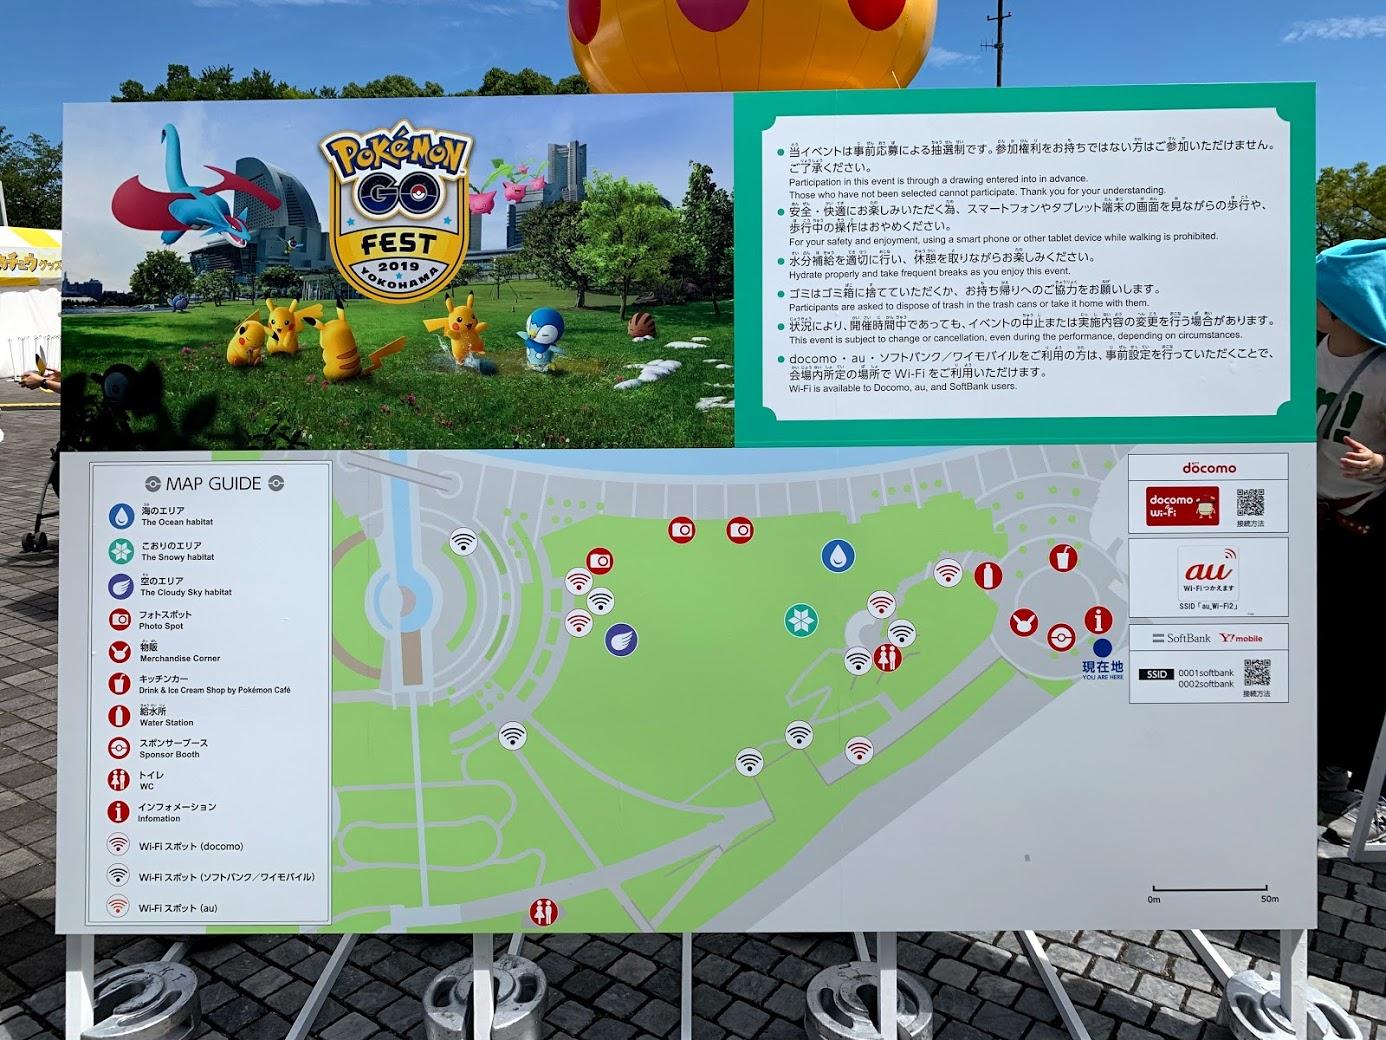 タスク 世界 ポケモン go 観光